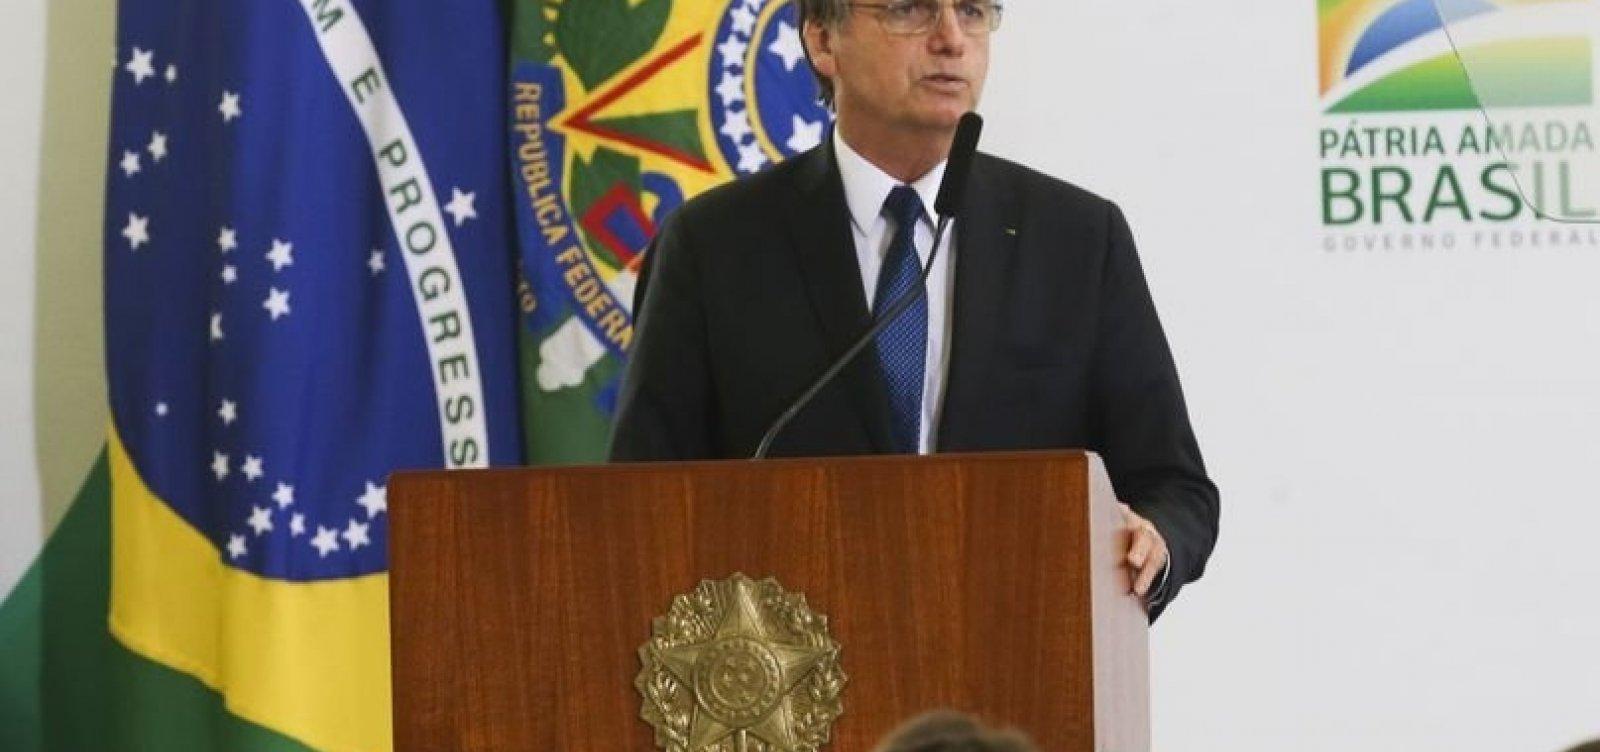 """[Bolsonaro decreta troca de """"vossa excelência"""" por """"senhor"""" na comunicação do governo]"""